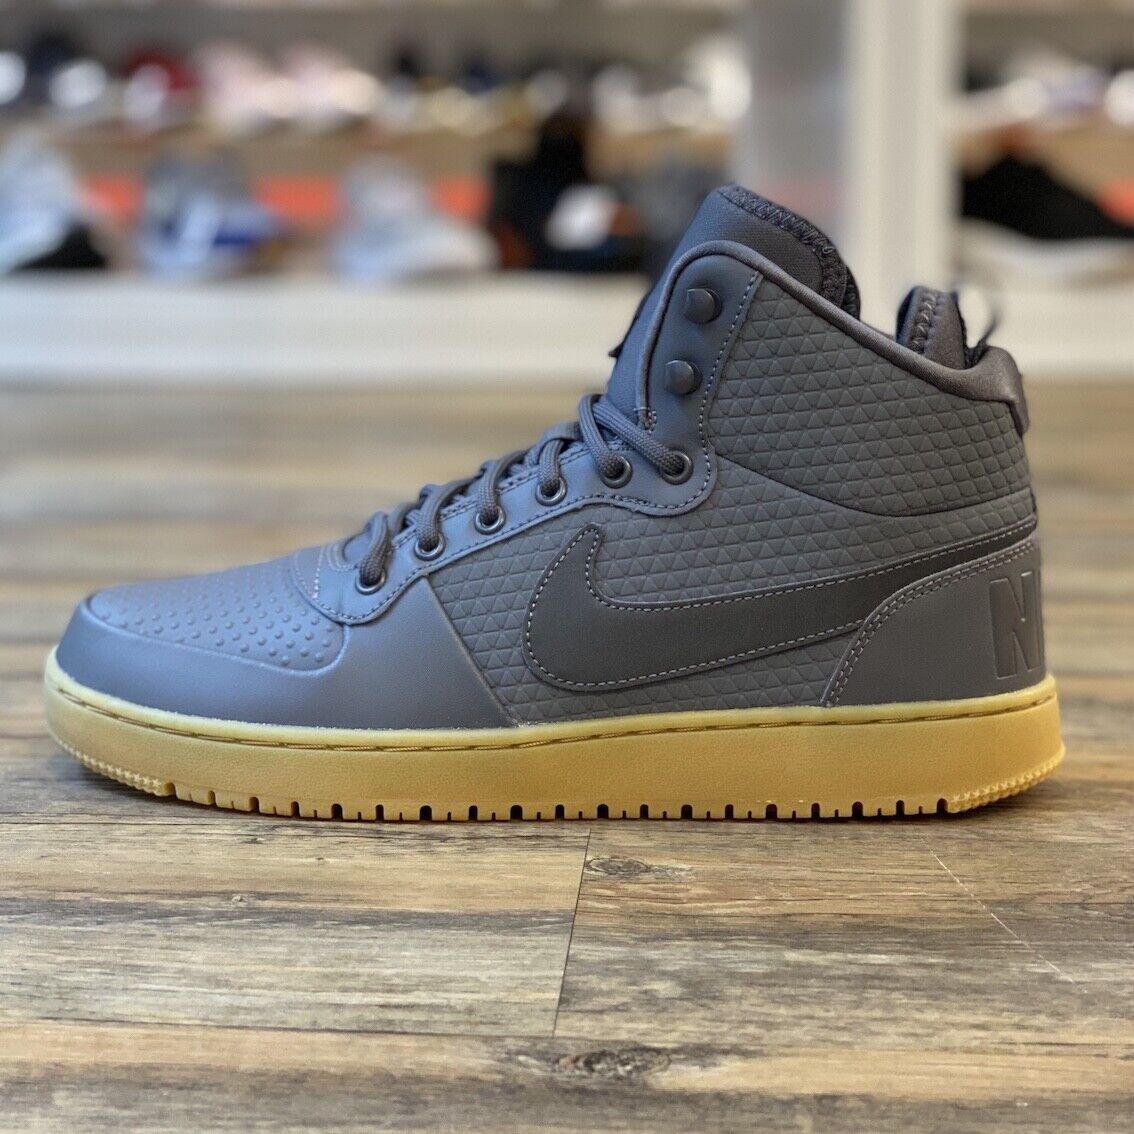 DC Shoes Penza Herren SneakerTurnschuhSportschuhLeder NEU